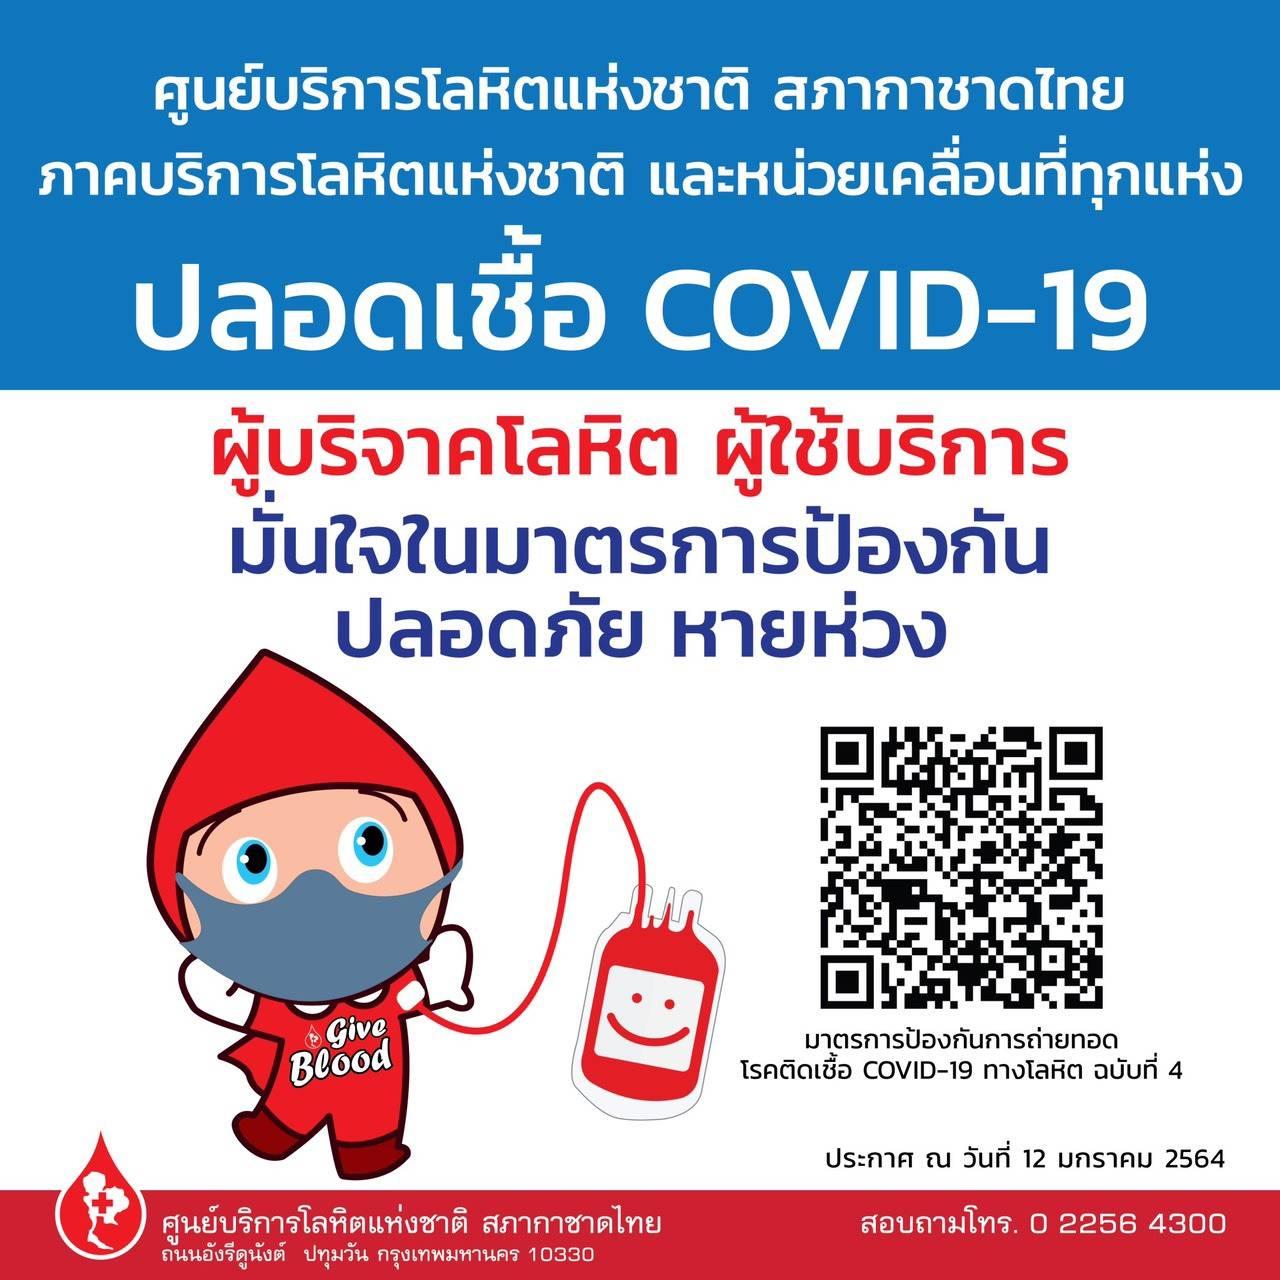 ศูนย์บริการโลหิตแห่งชาติ สภากาชาดไทย ภาคบริการโลหิตแห่งชาติ และหน่วยเคลื่อนที่ทุกแห่ง ปลอดเชื้อ COVID-19